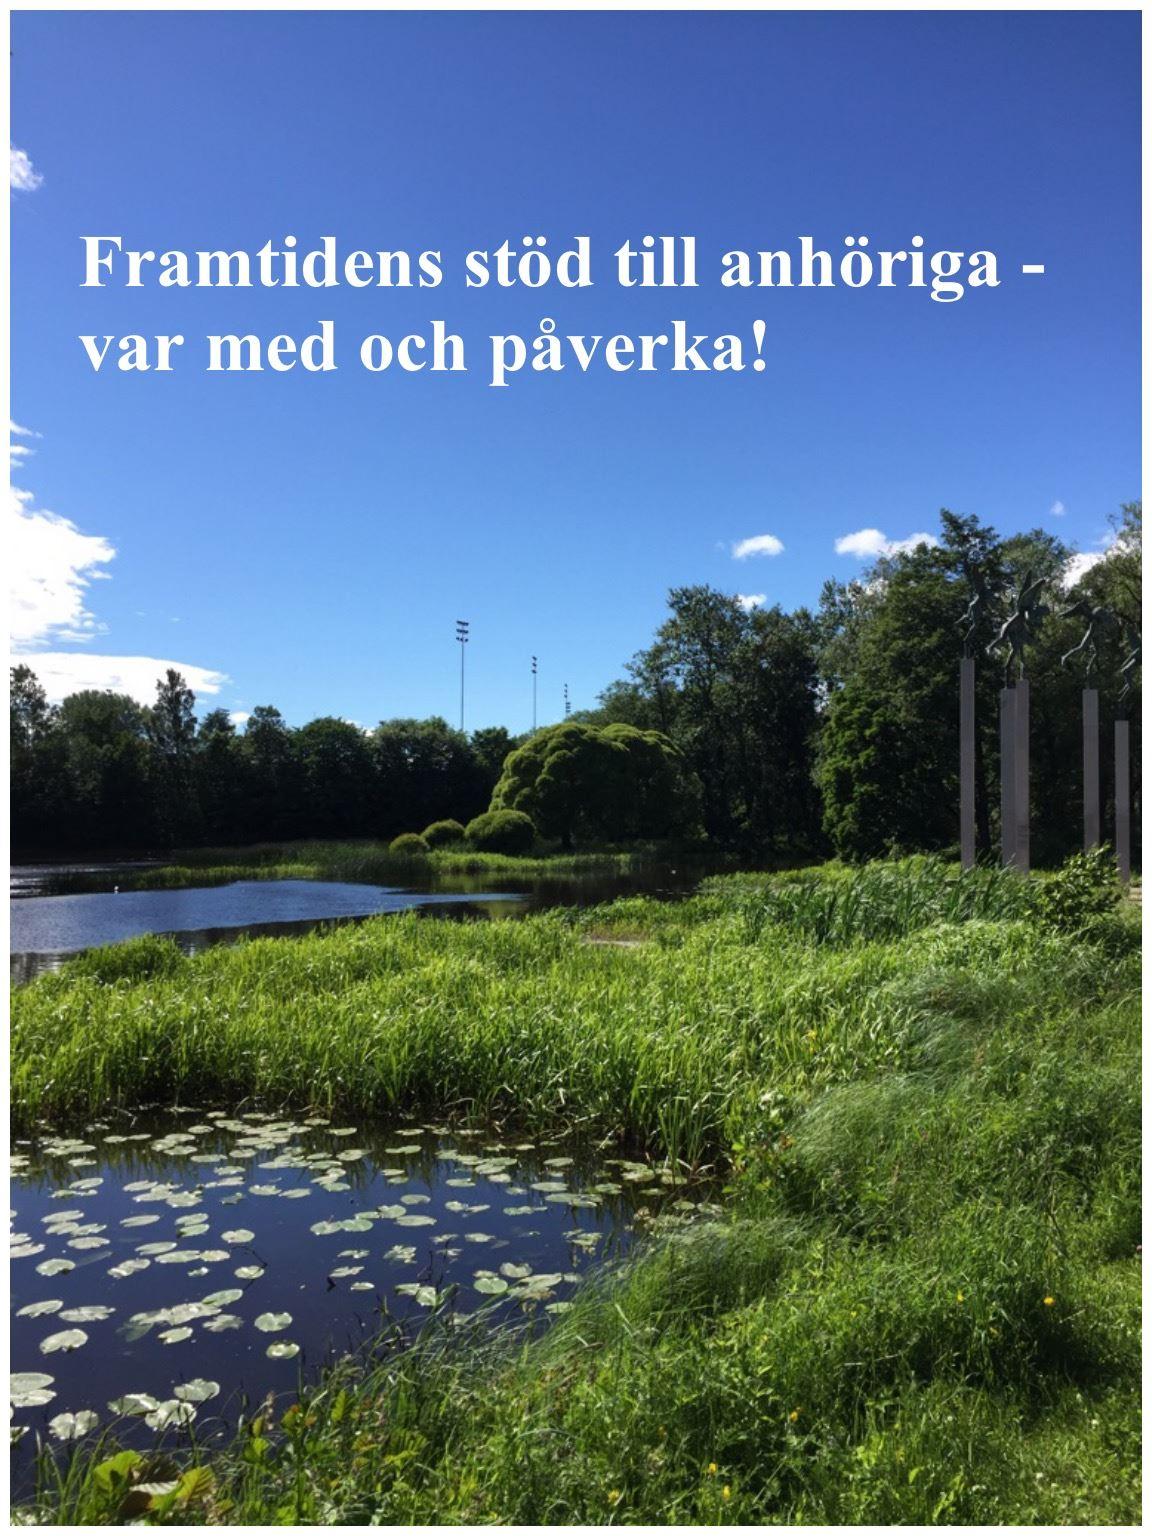 Framtidens stöd till anhöriga- hur utvecklar vi det i Gävle Kommun?